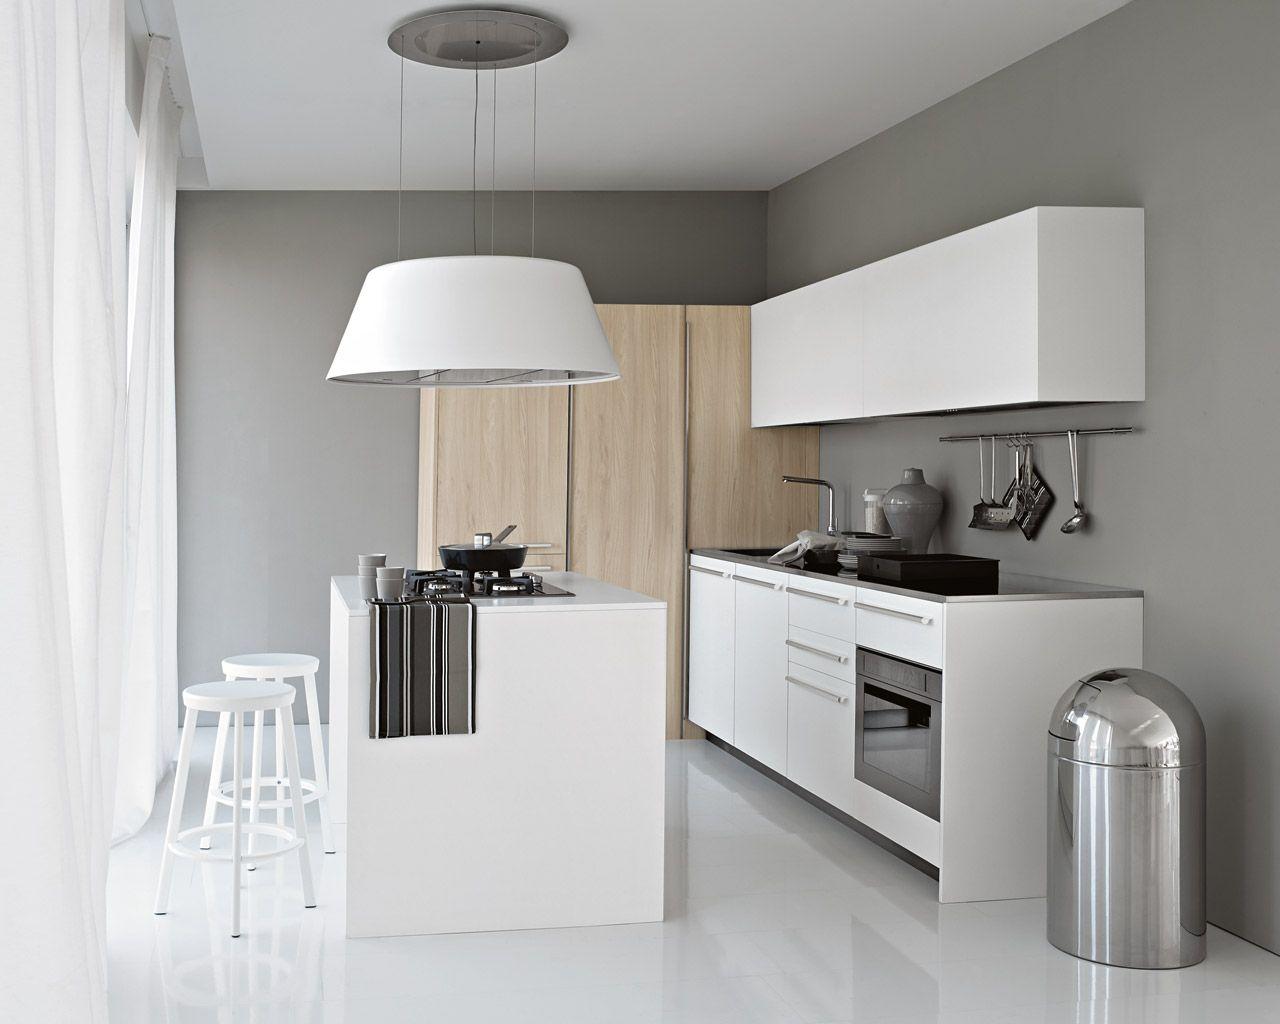 Design and Modern Kitchens Inspirations | Elmar Cucine | ARQ ...